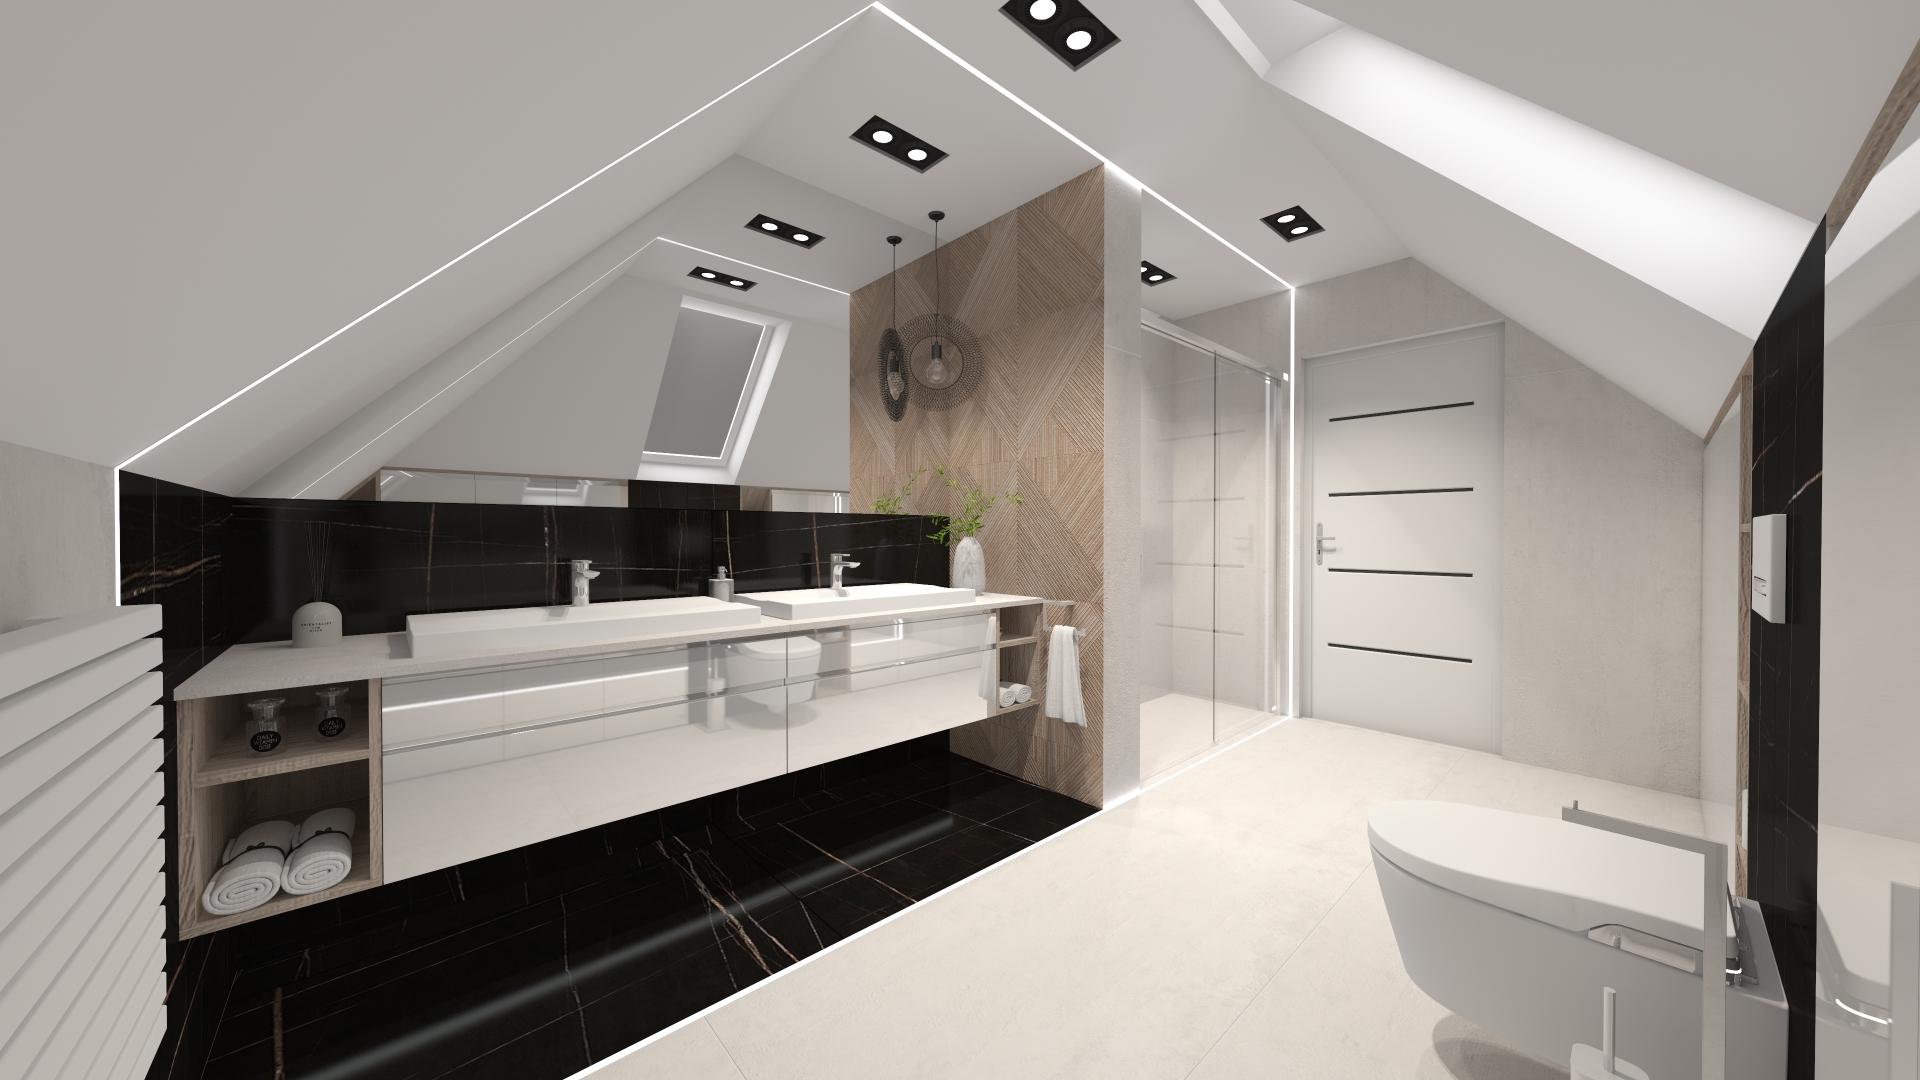 projektant pulawy pracownia projektowania wnetrz malgorzata czapla lazienka poddasze biel drewno minimalist interior designer wnetrza projektowanie pulawy 2